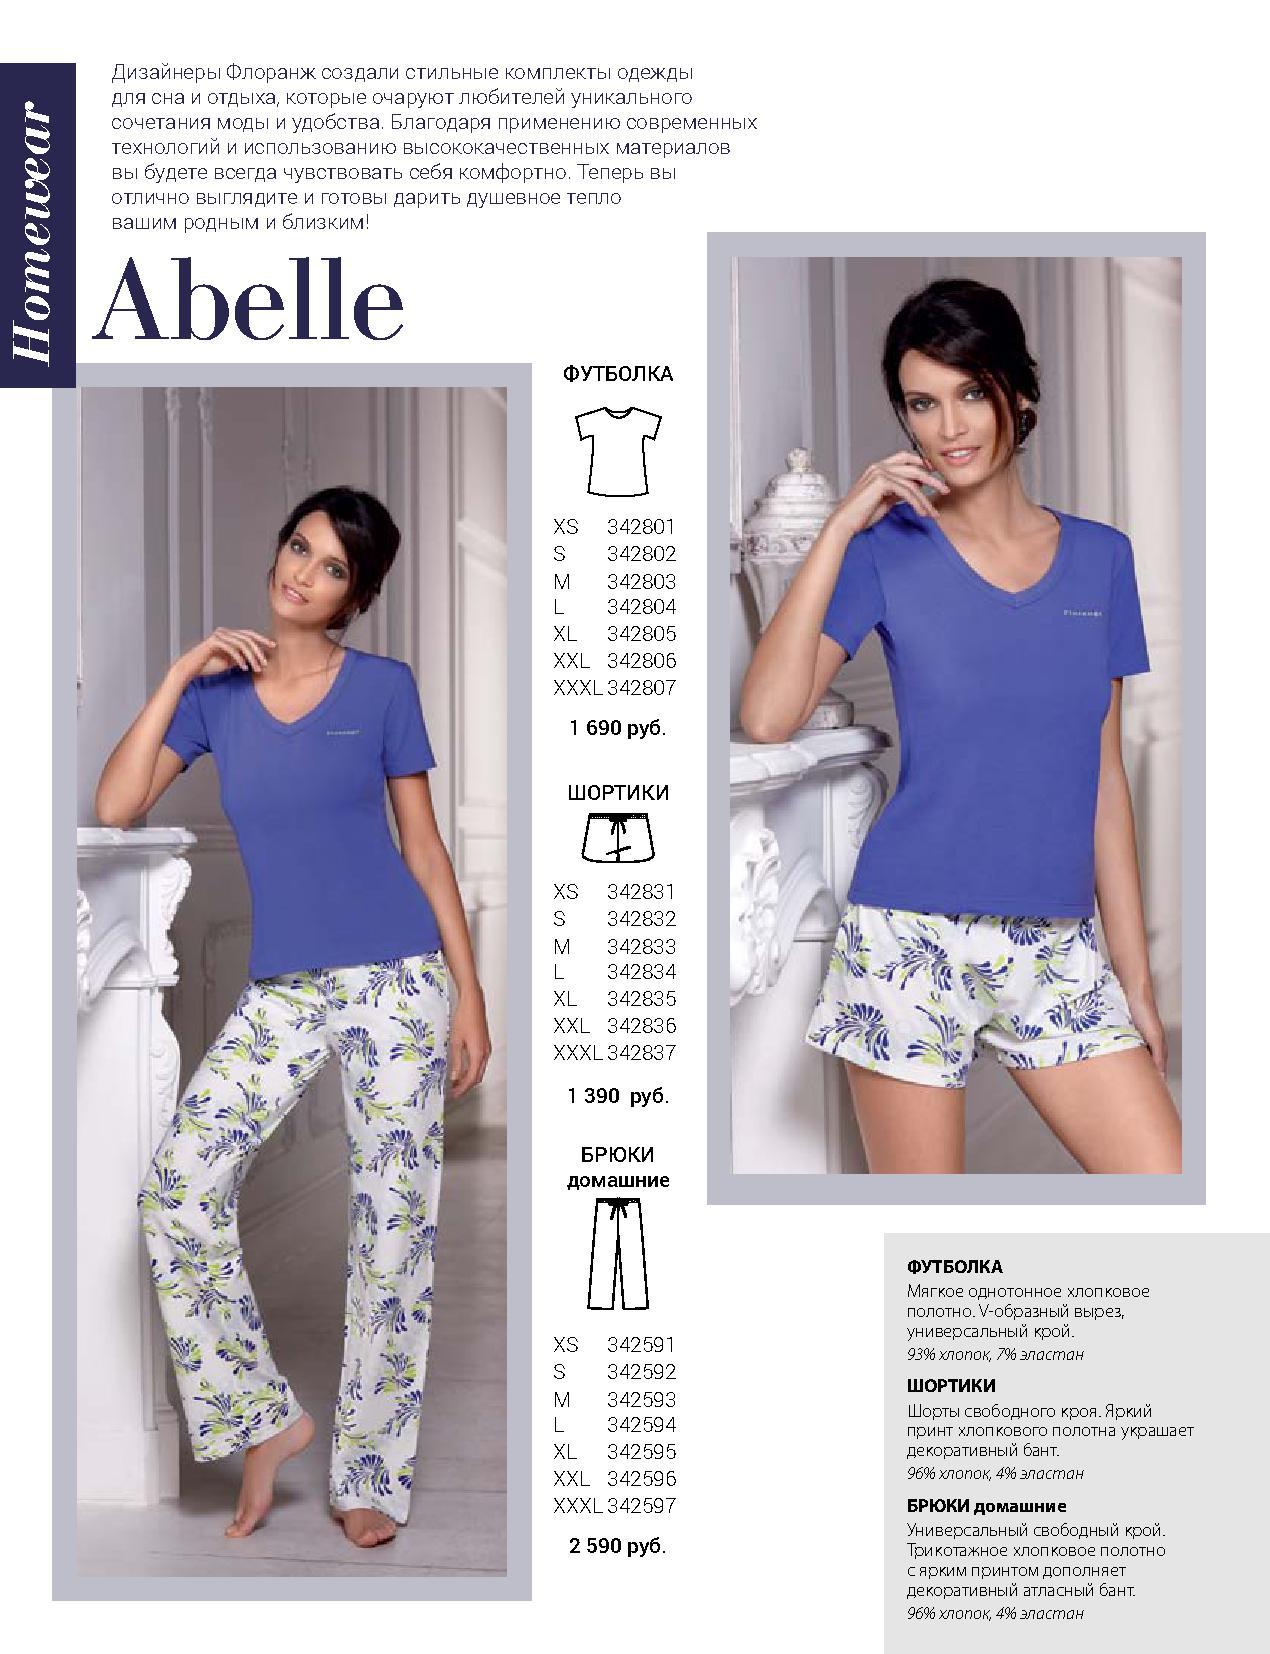 """Флоранж комплект """"Абэль"""" - футболка, шортики и брюки"""